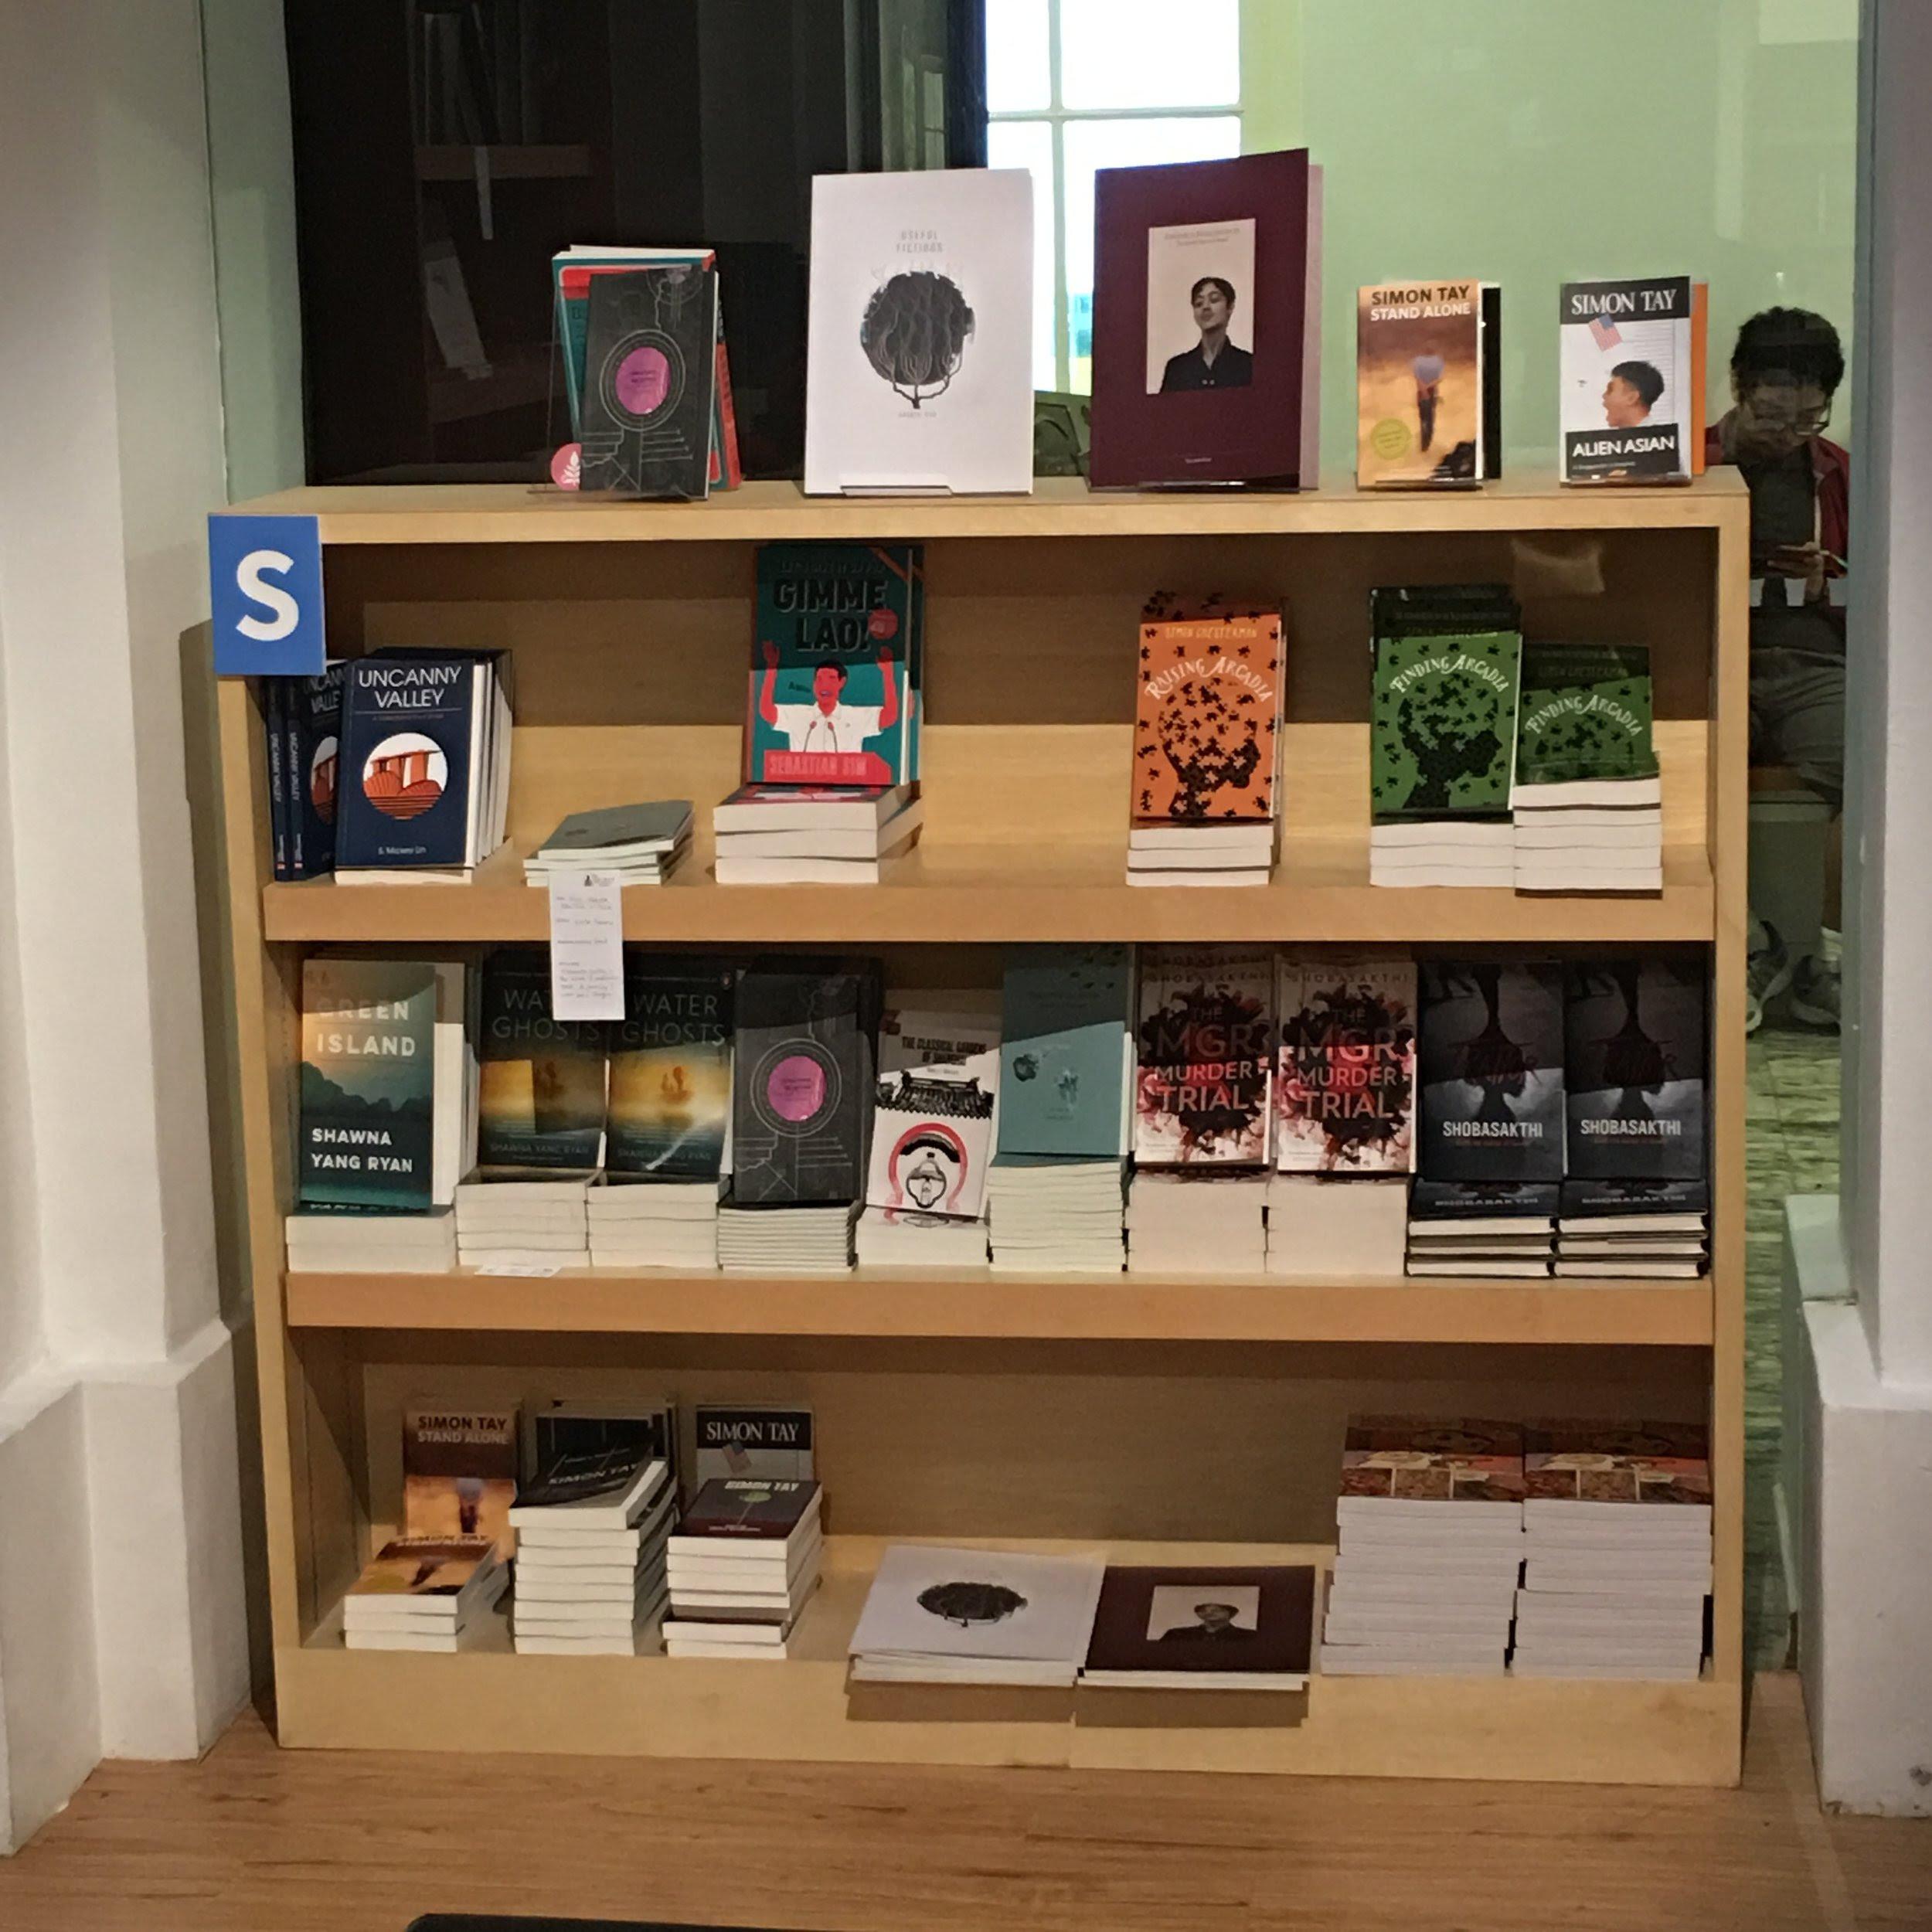 Upper left corner of the bookshelf